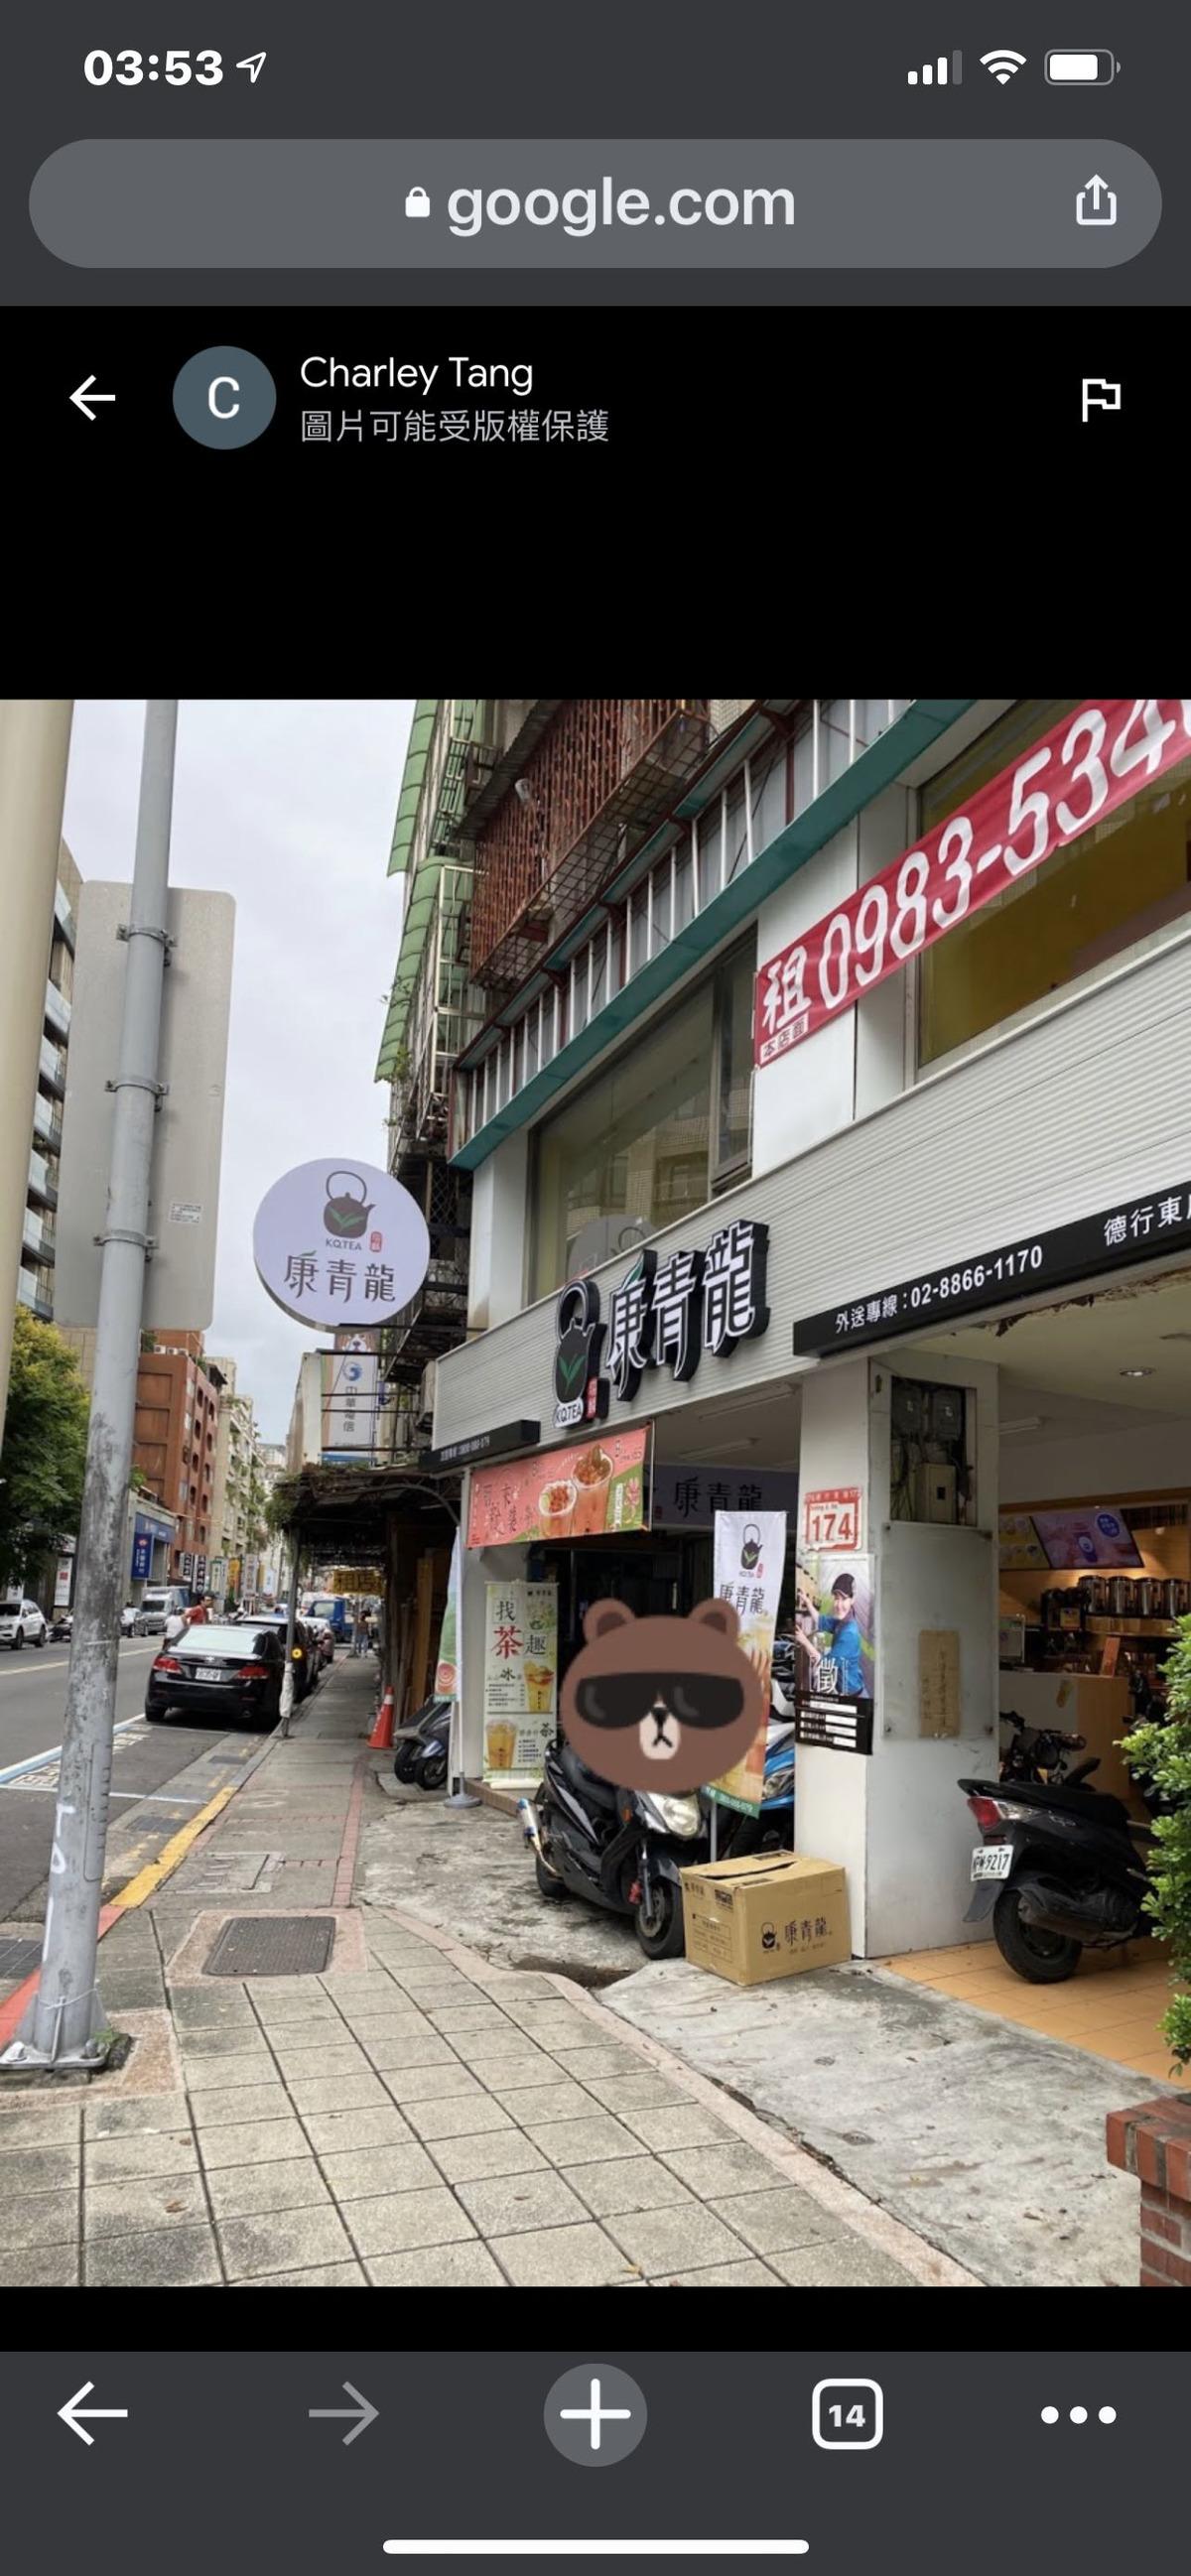 康青龍_德行東店(豐楓商行)相關照片1